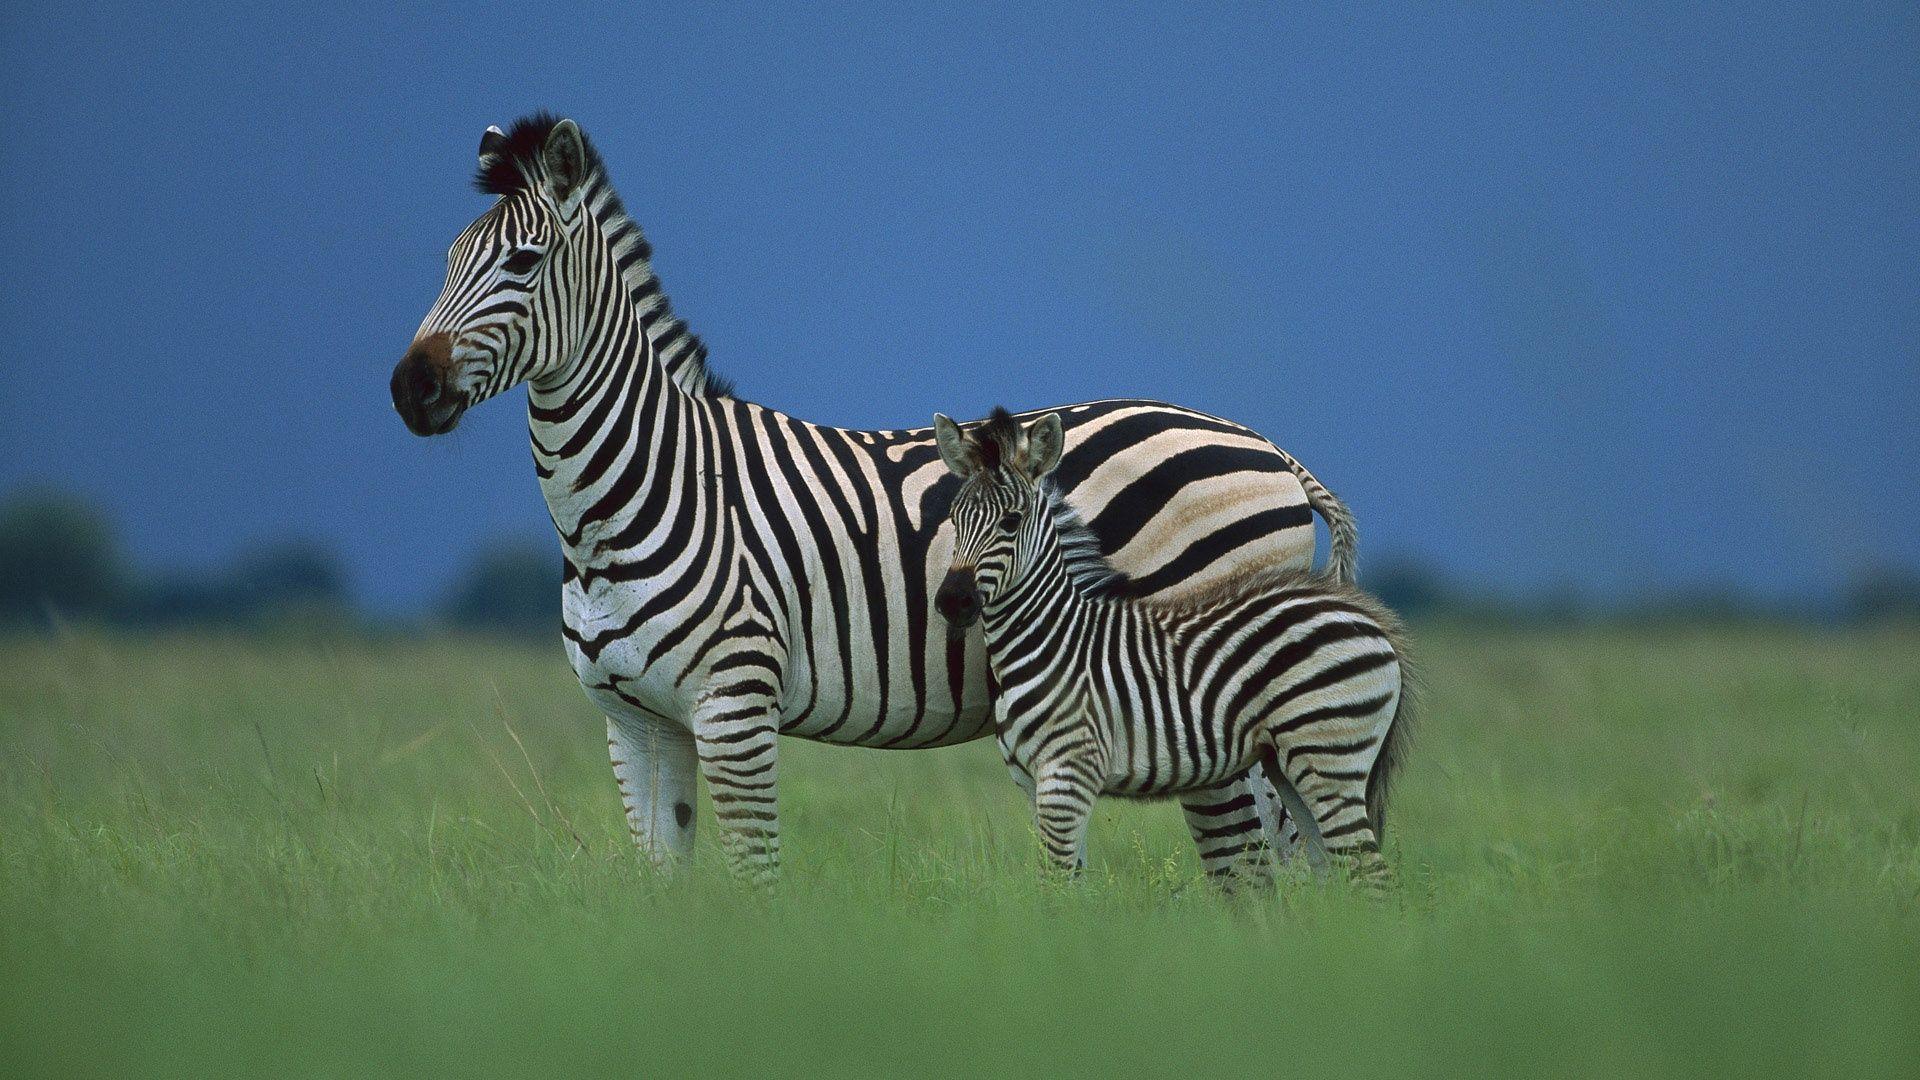 Zebra With A Baby Photo